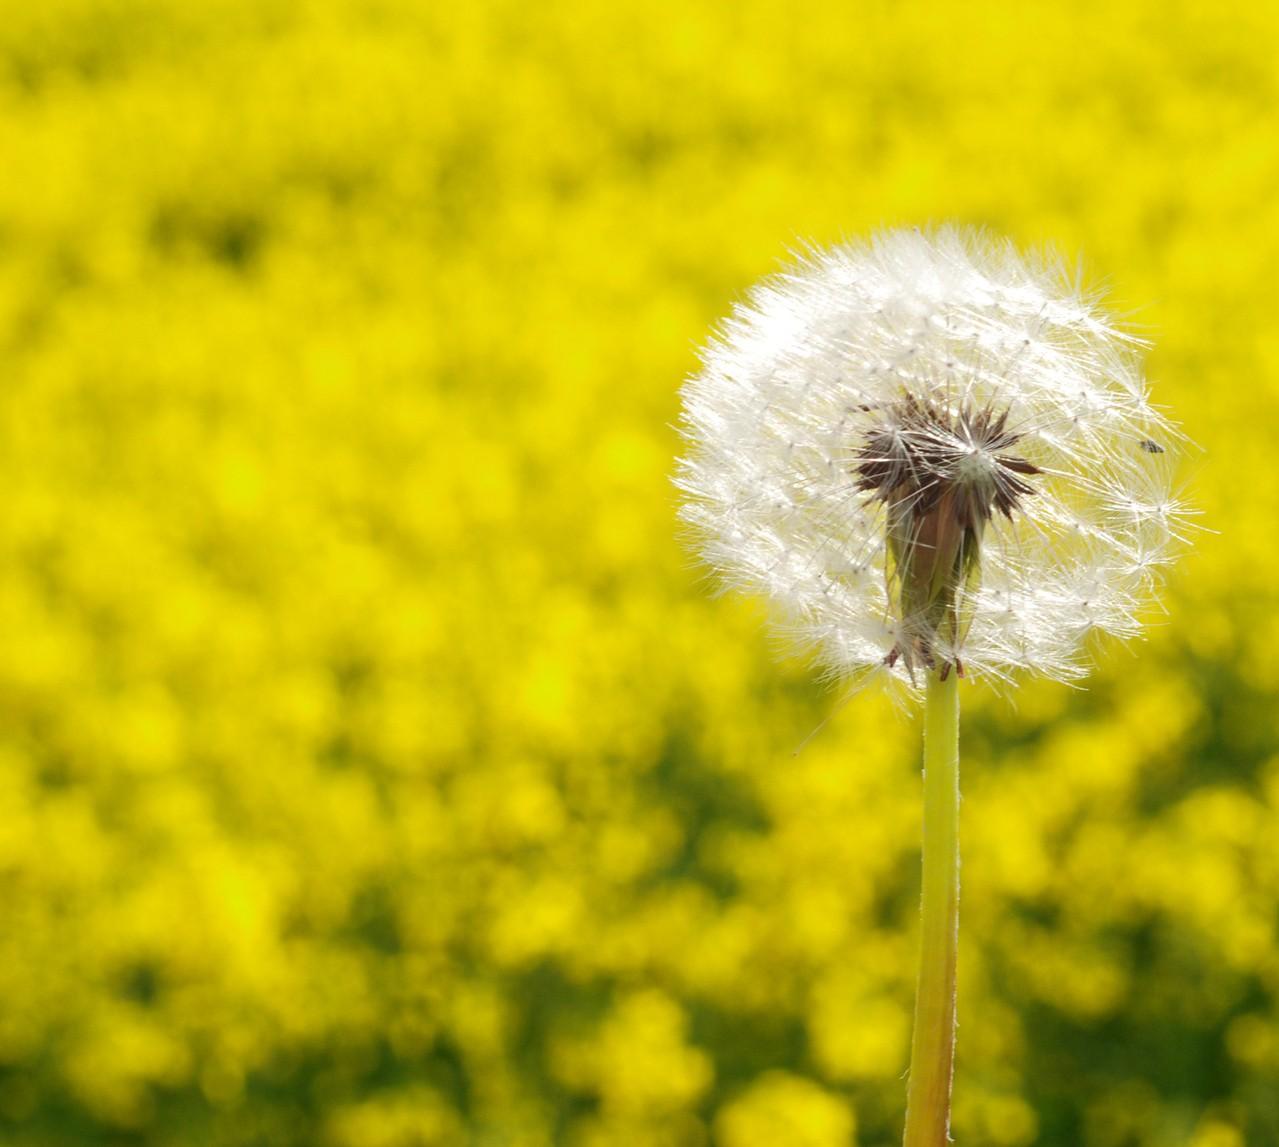 Jakie są przyczyny alergii?